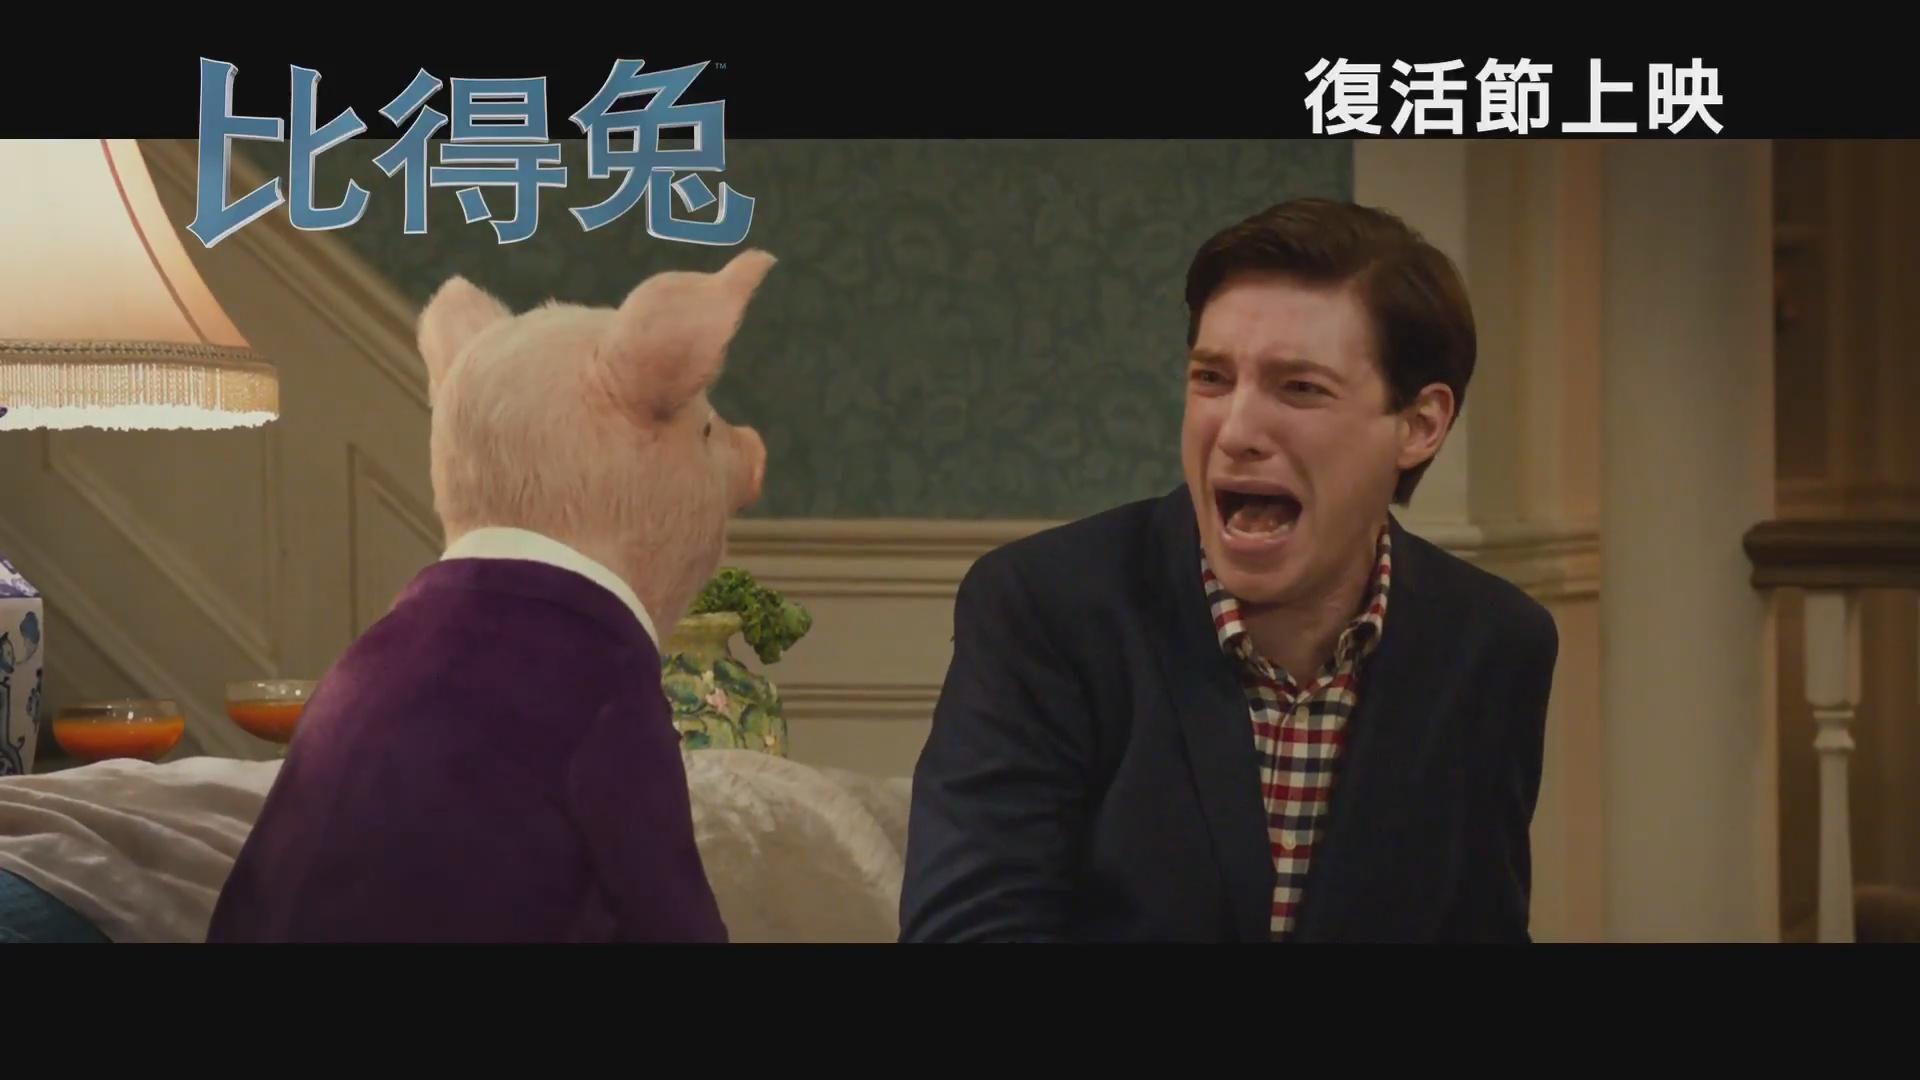 詹姆斯·柯登配音真人版大电影《彼得兔》首曝中文电影预告